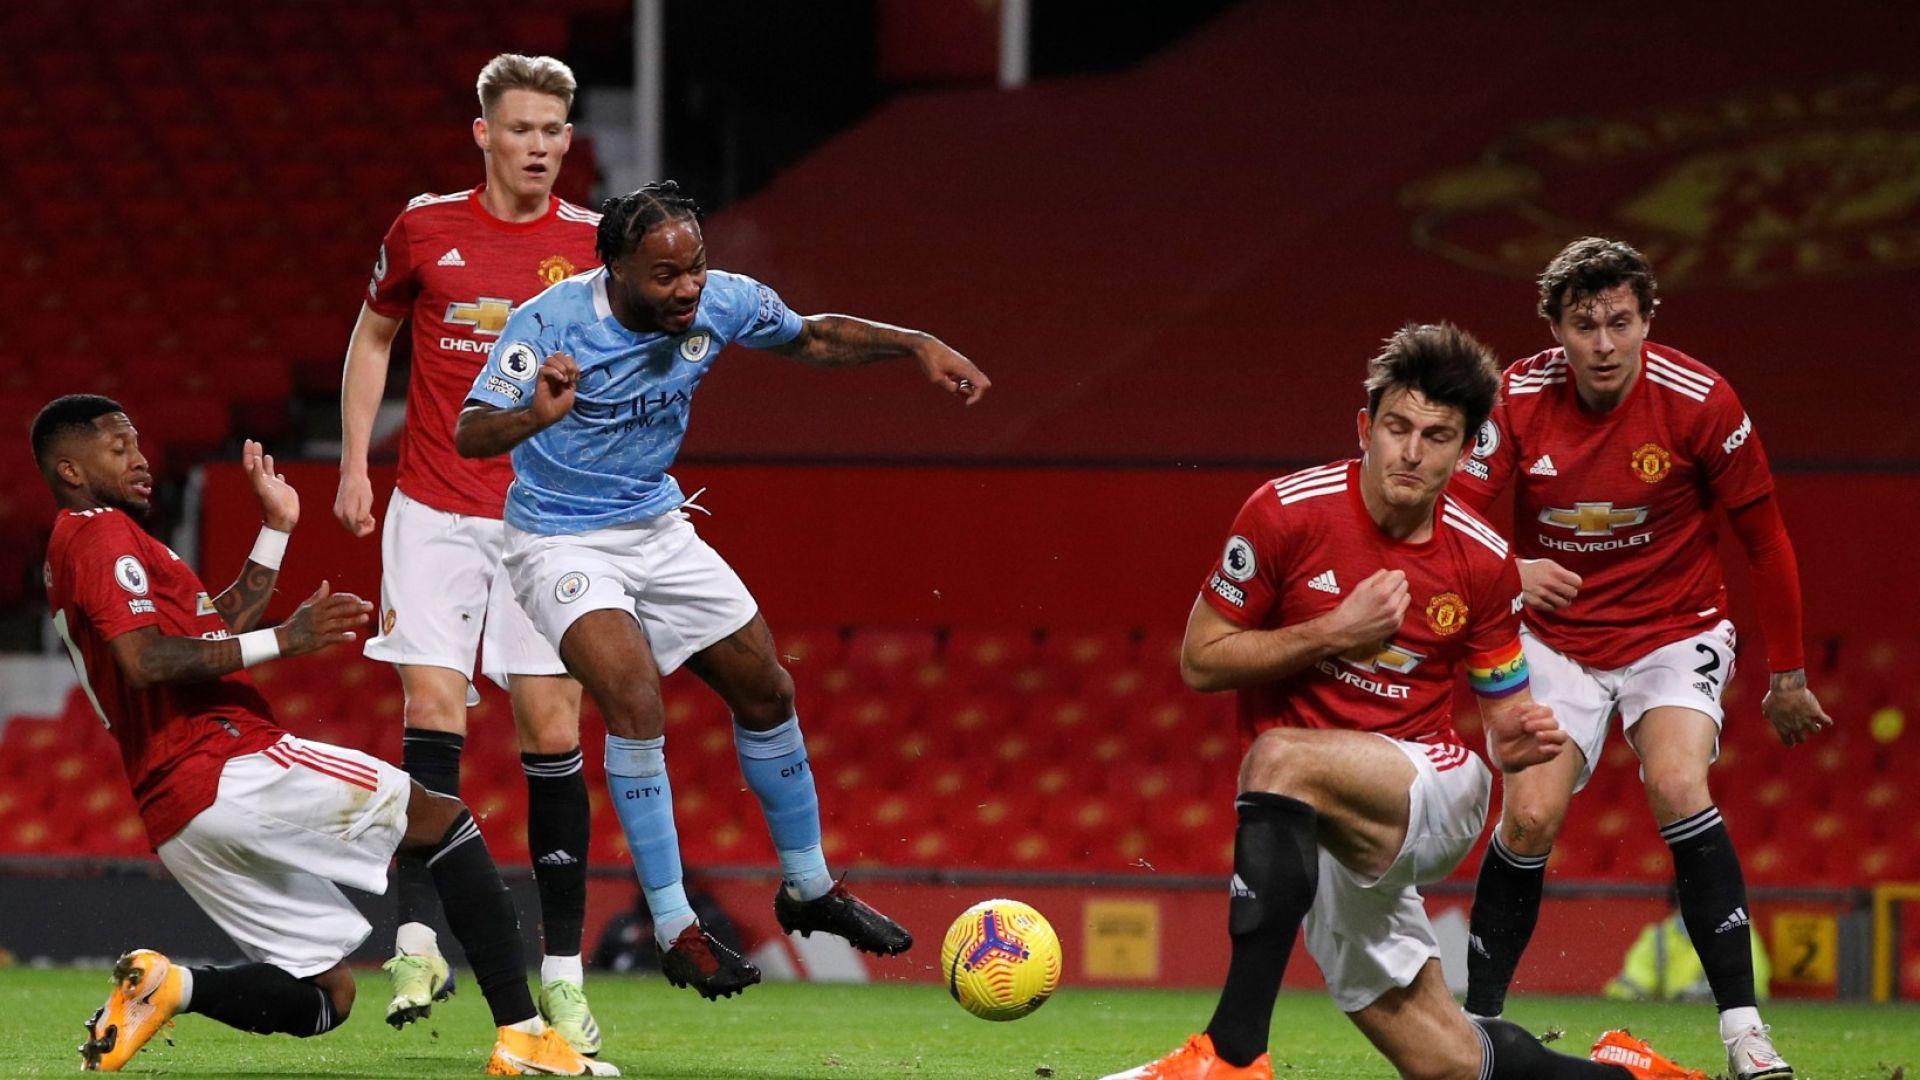 Юнайтед и Сити зачеркнаха всякакви рискове и дербито тотално избледня